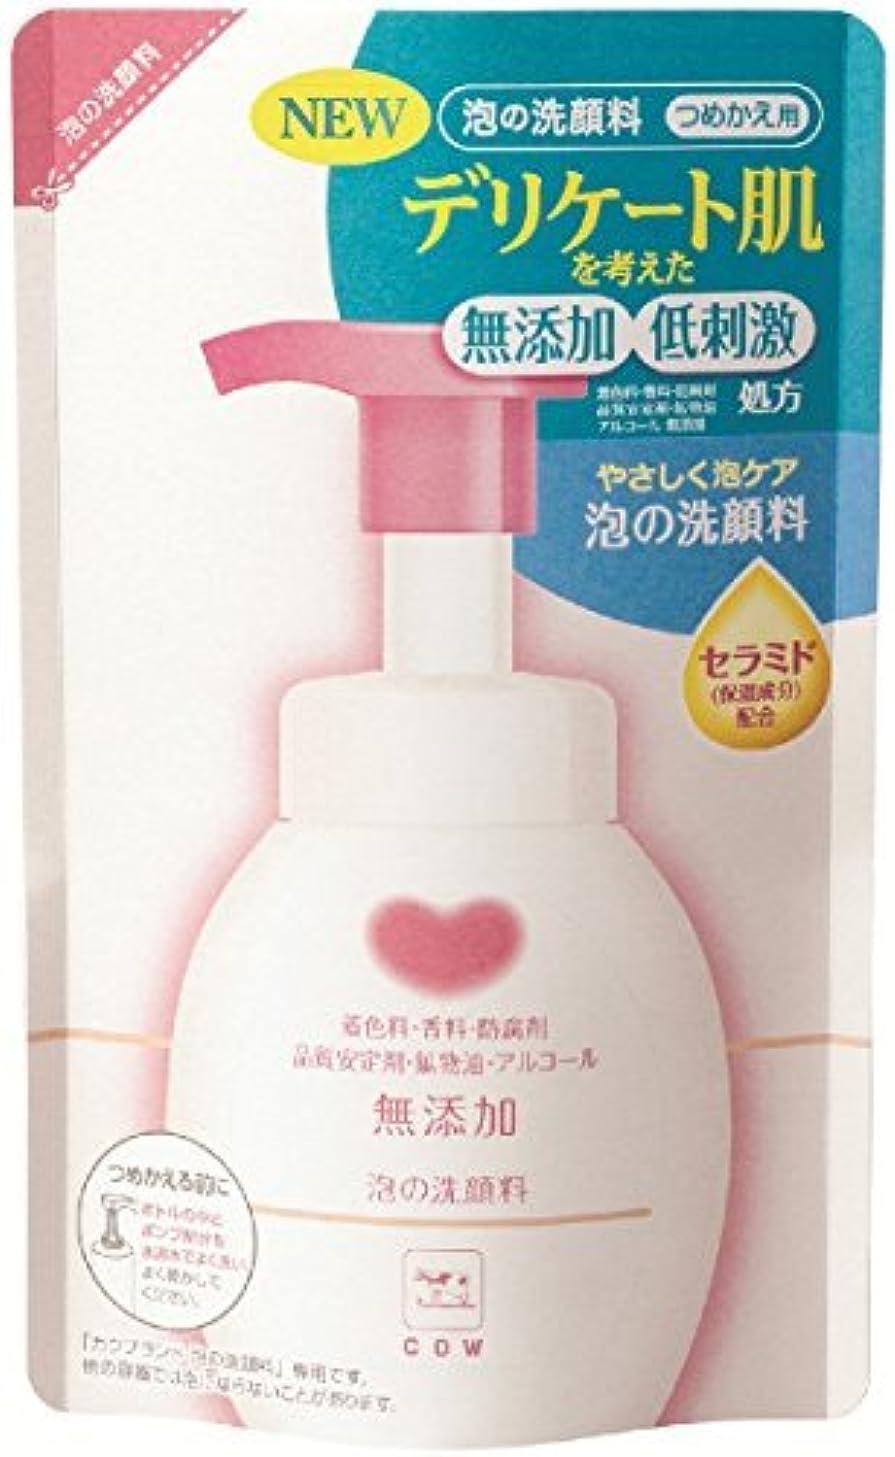 接続詞一流夕方牛乳石鹸共進社 カウブランド 無添加 泡の洗顔料 つめかえ用 180ml×24個セット